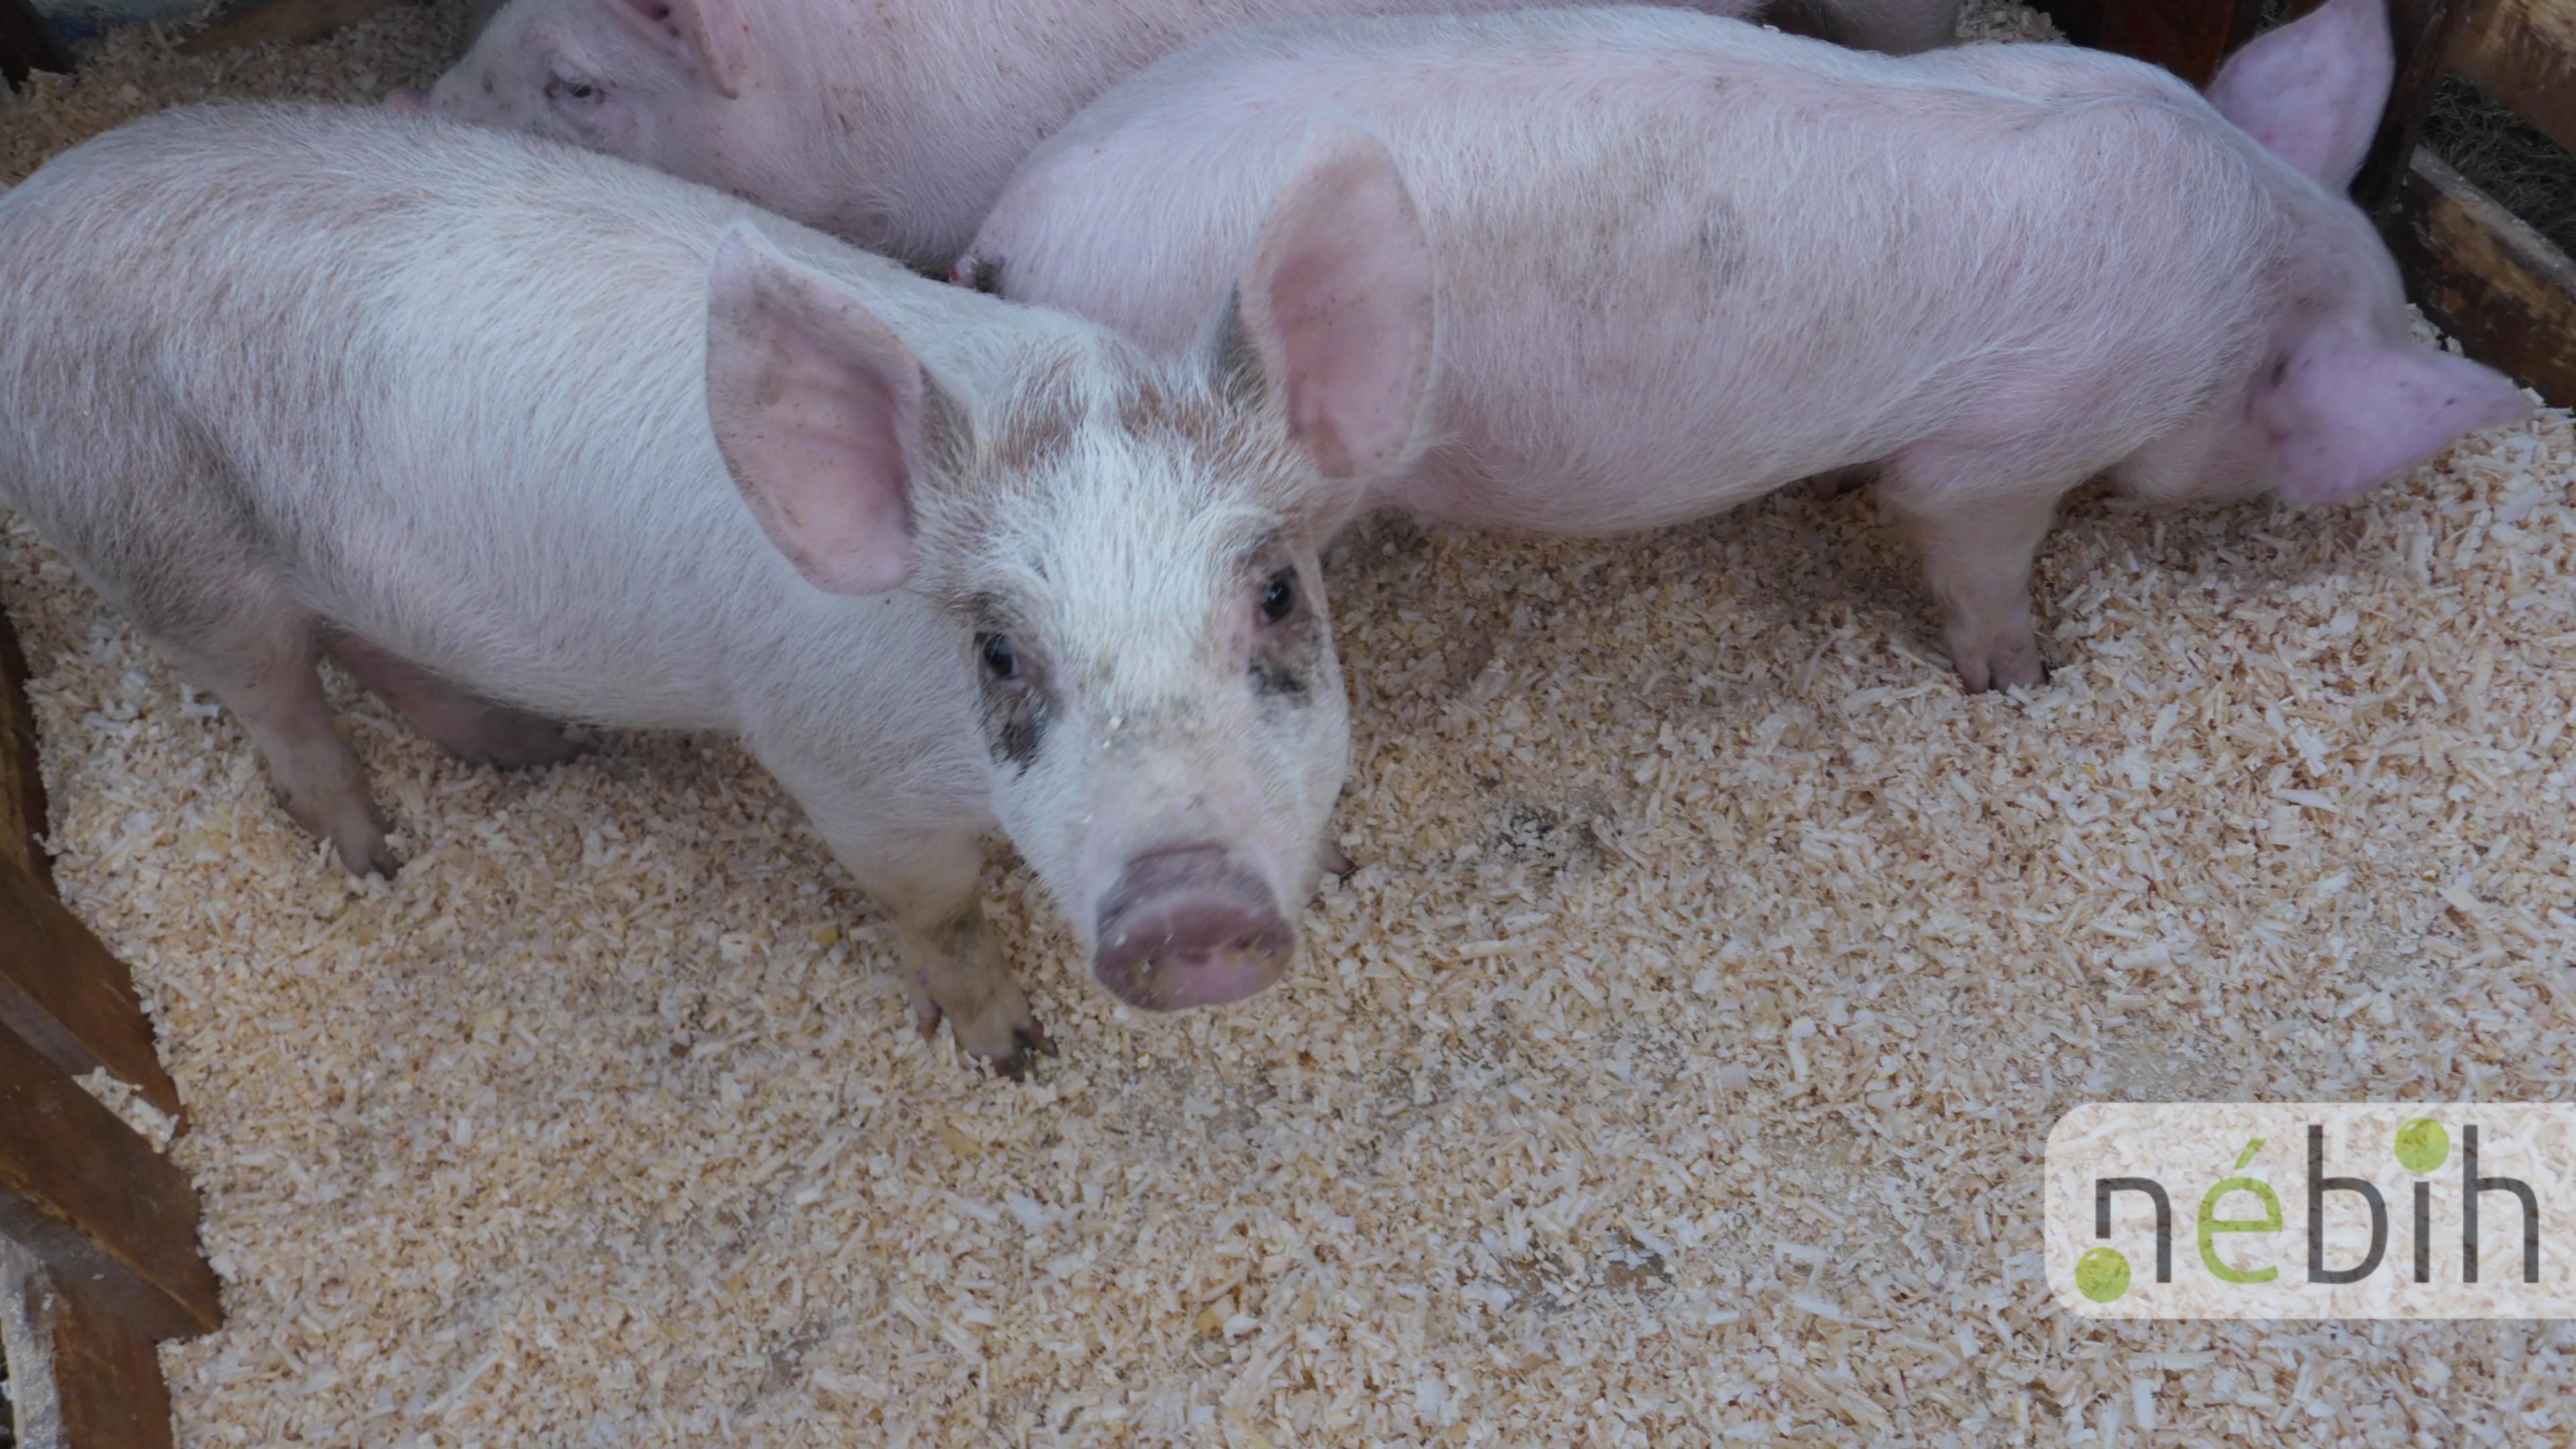 Lecsaptak a szekszárdi állatvásárra: 104 sertésből száz nem volt lepapírozva